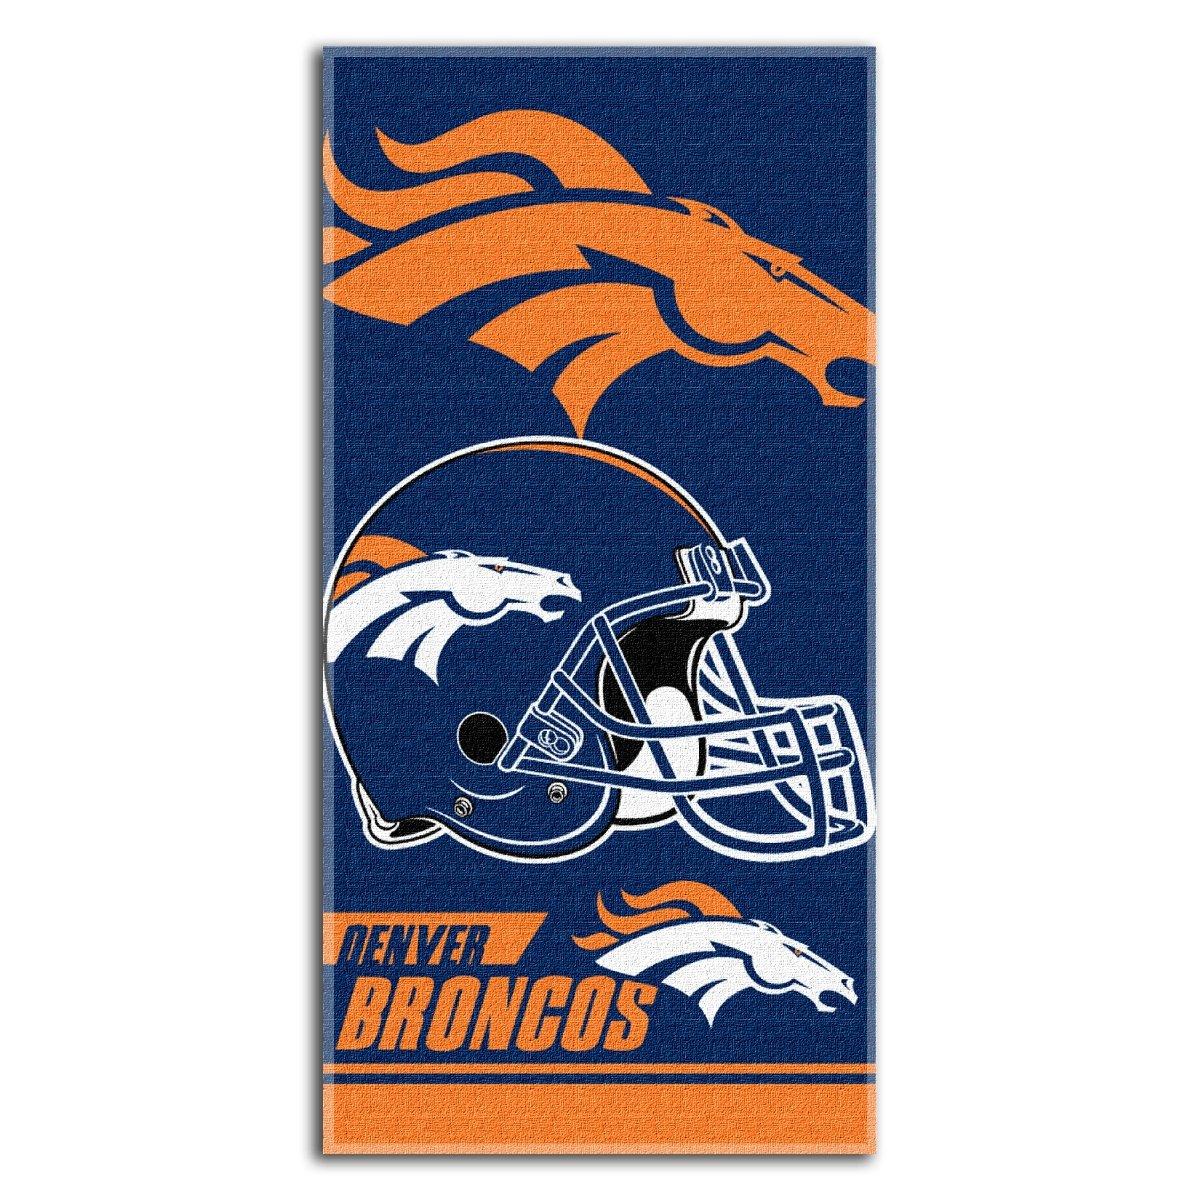 9e7cd556 Amazon.com : NFL Denver Broncos Beach Towel : Everything Else